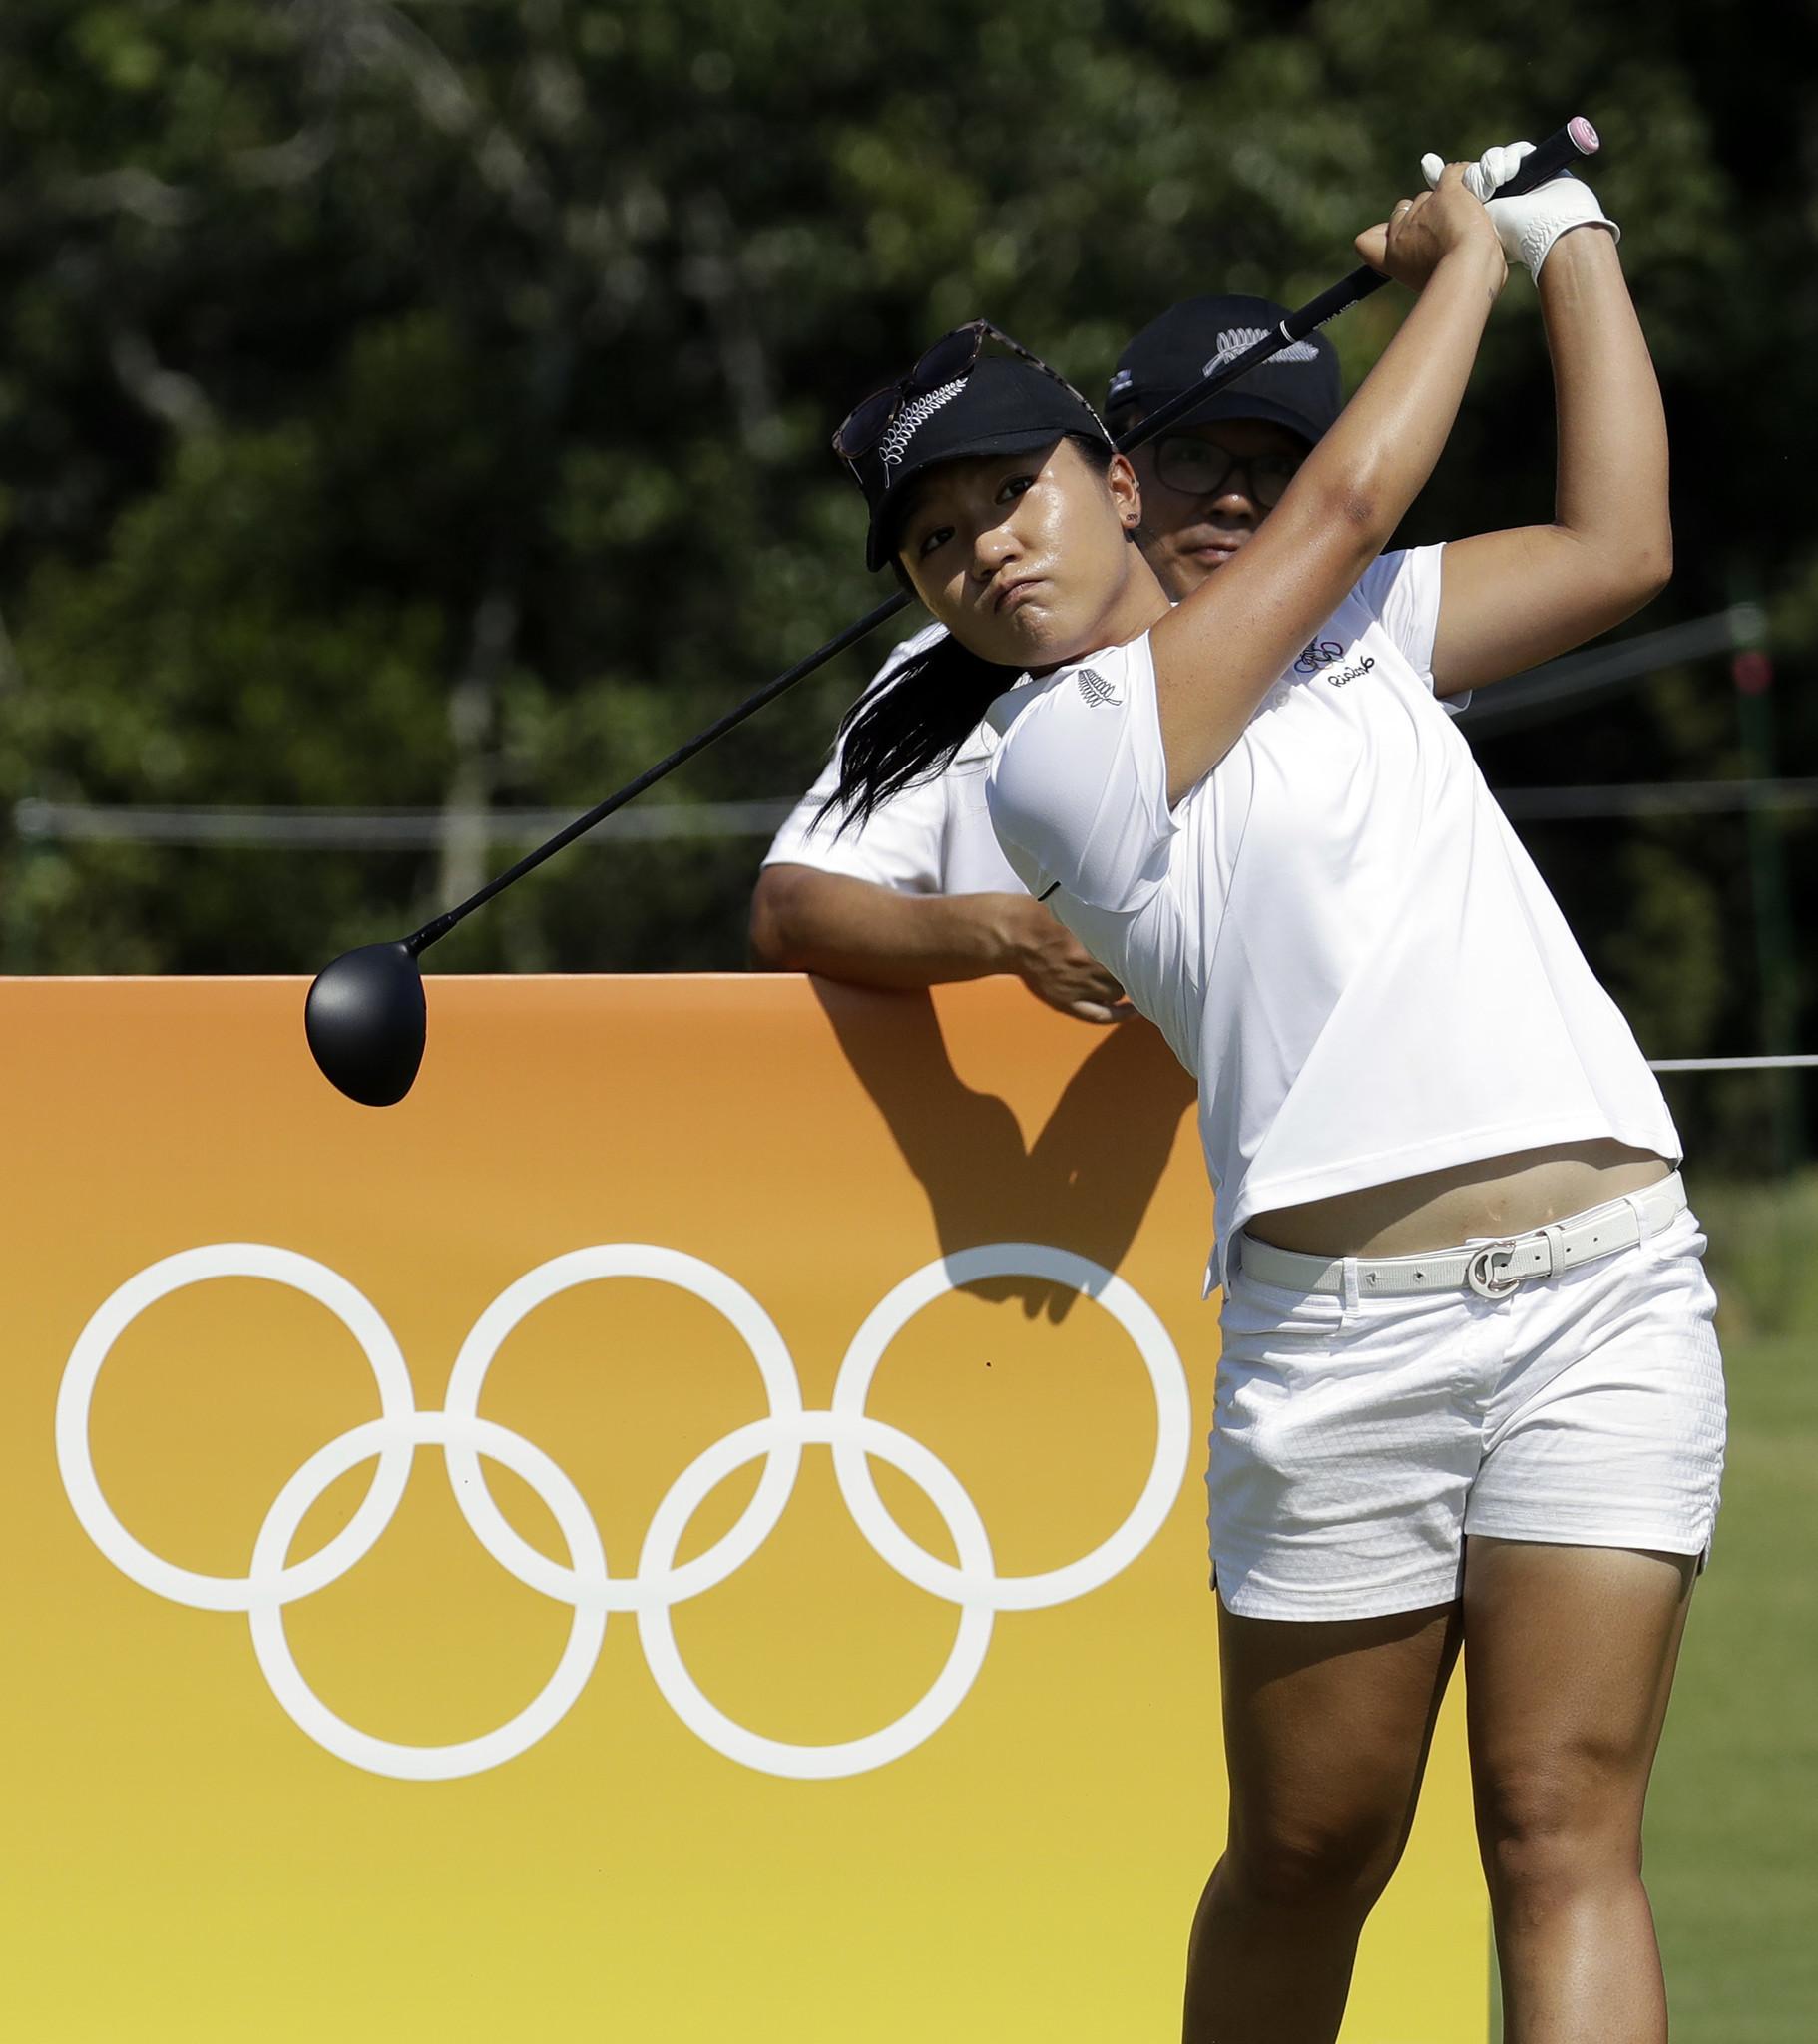 Golf Kiwi Ko Not At Top Just Yet: LPGA Star Lydia Ko Chases More Wins Amid Major Changes